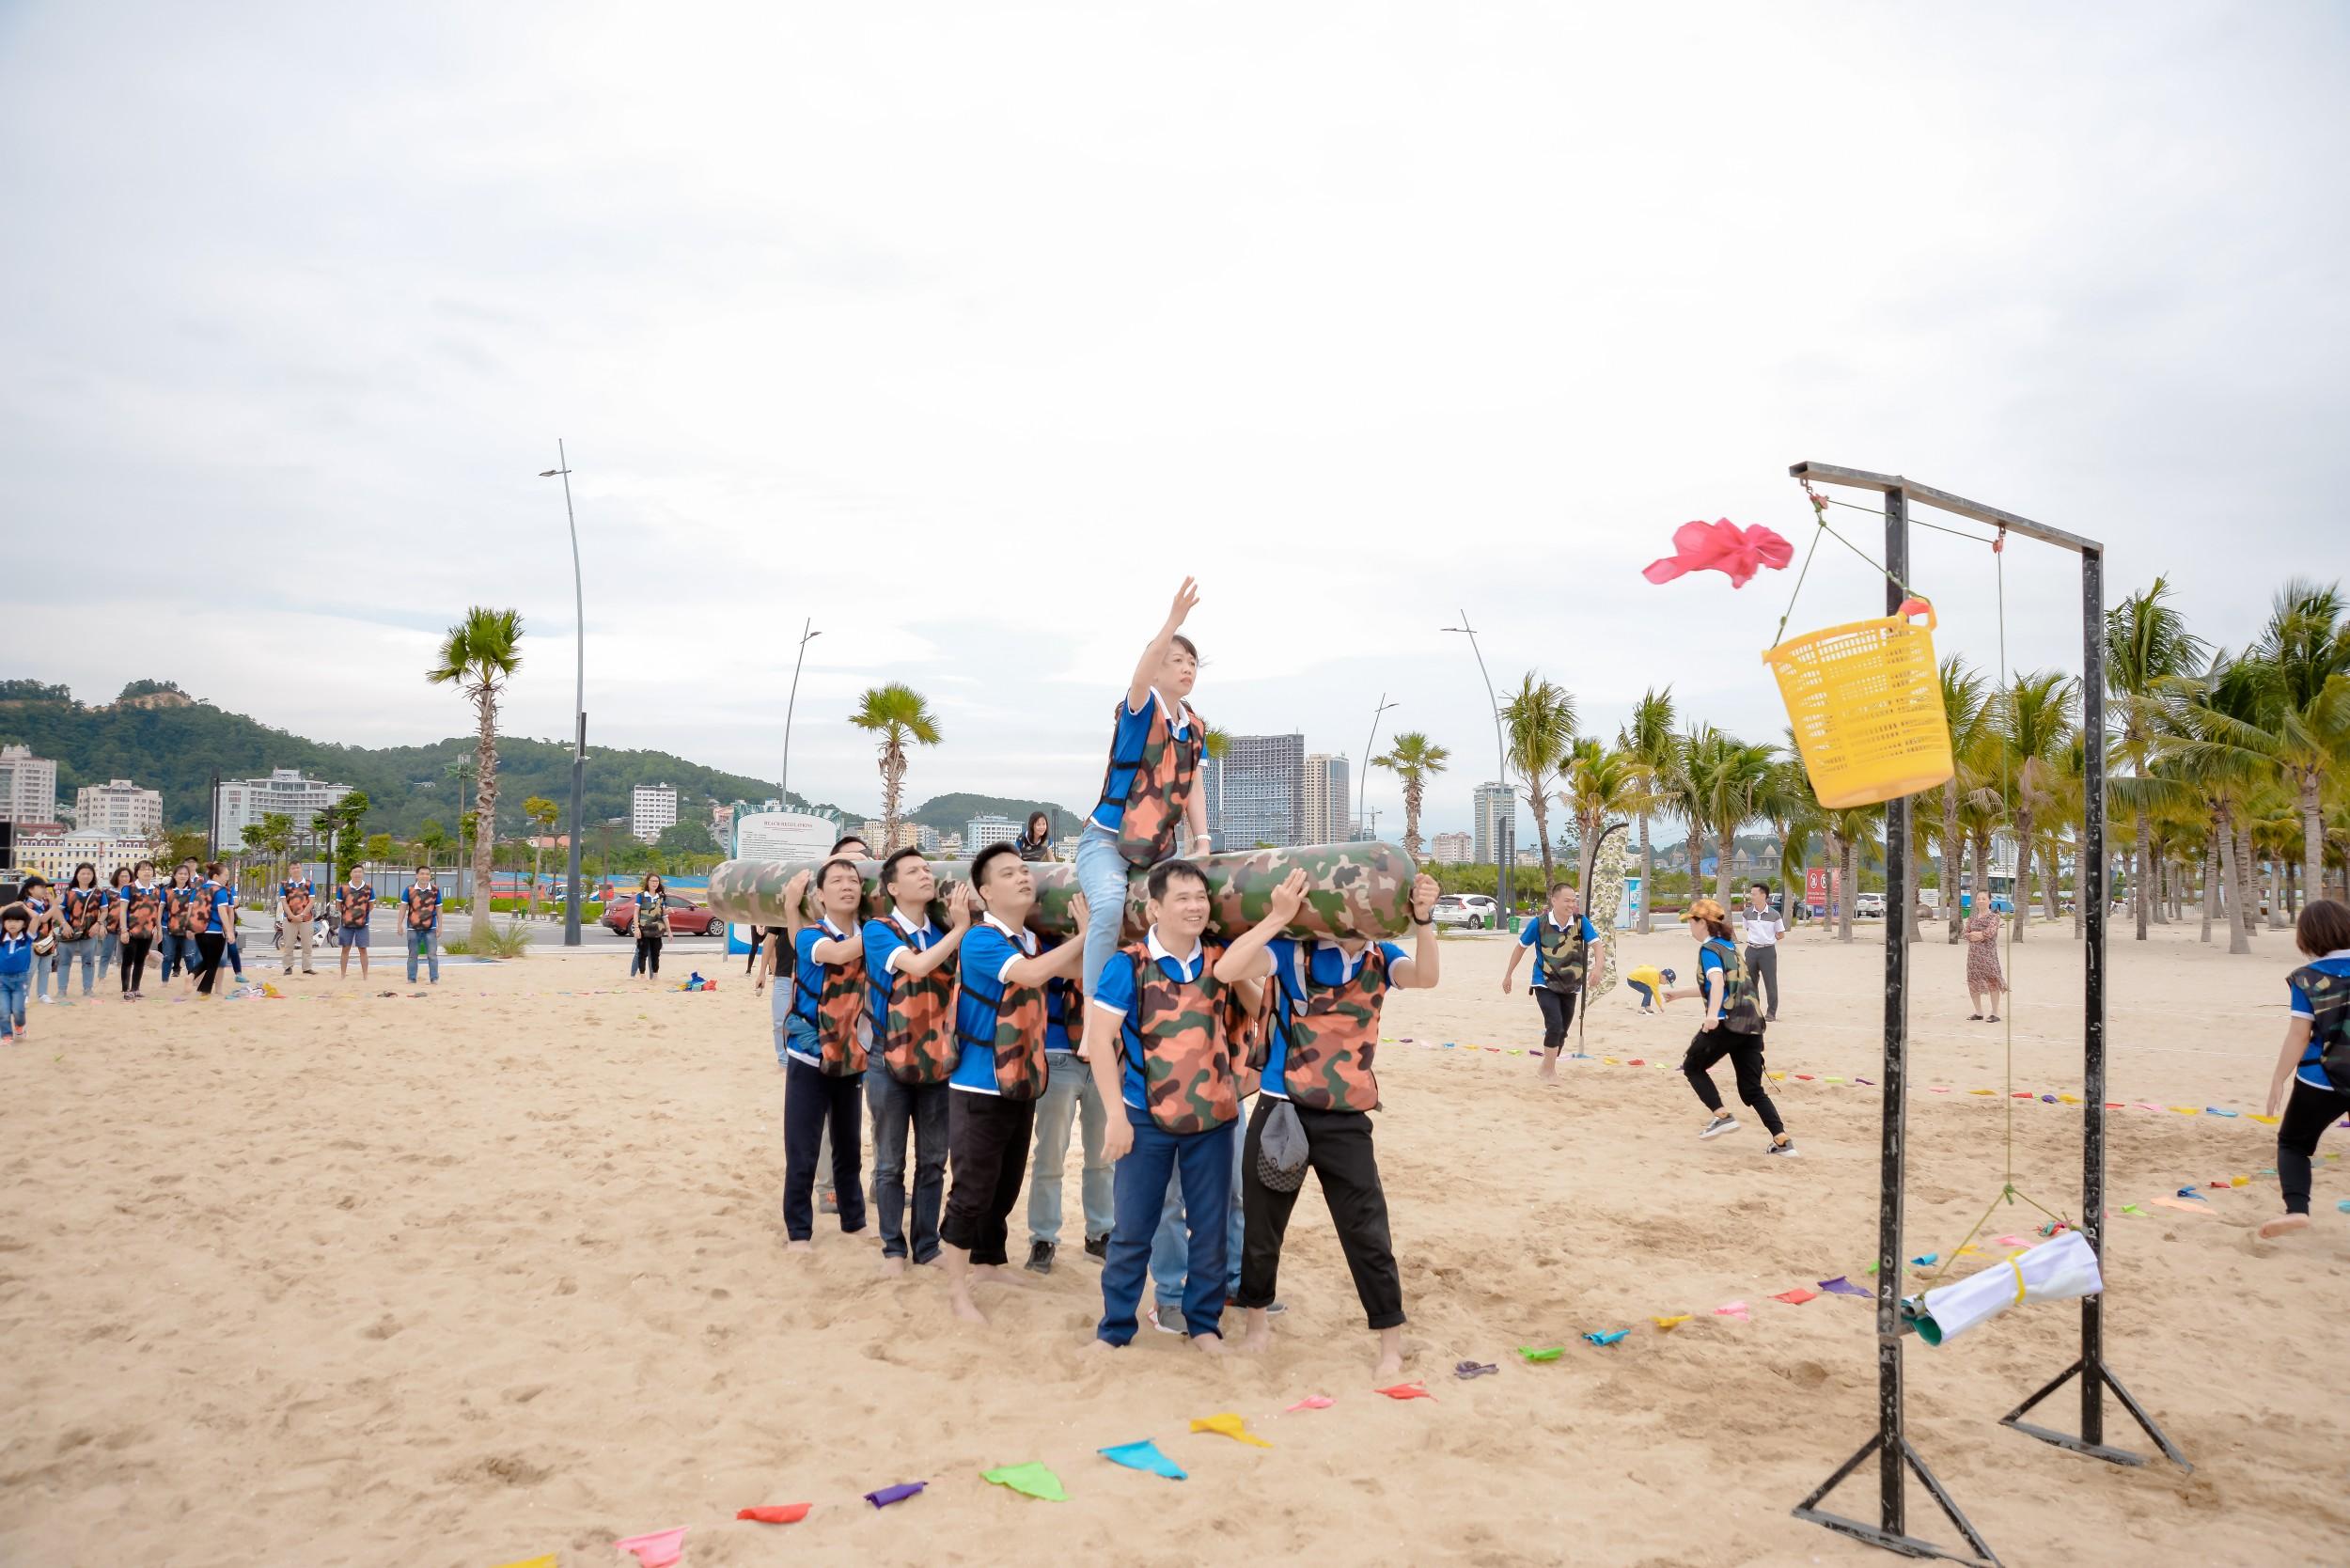 Du lịch team building là gì?